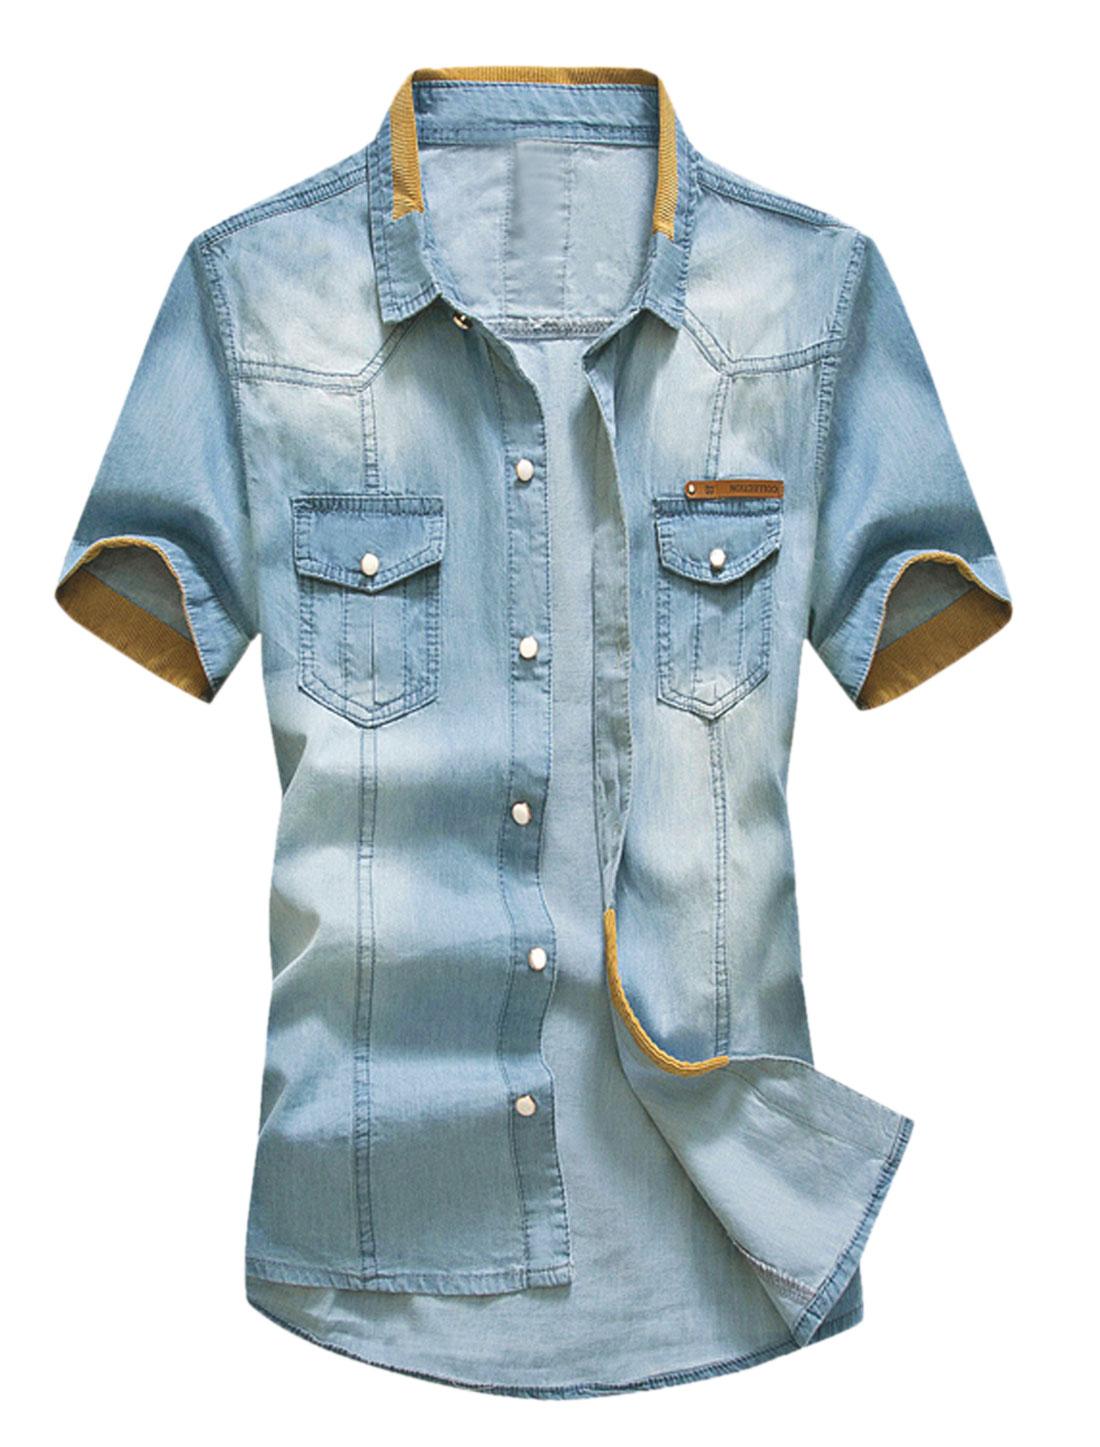 Men Button Down Chest Pockets Panel Detail Denim Shirt Light Blue Ochre S